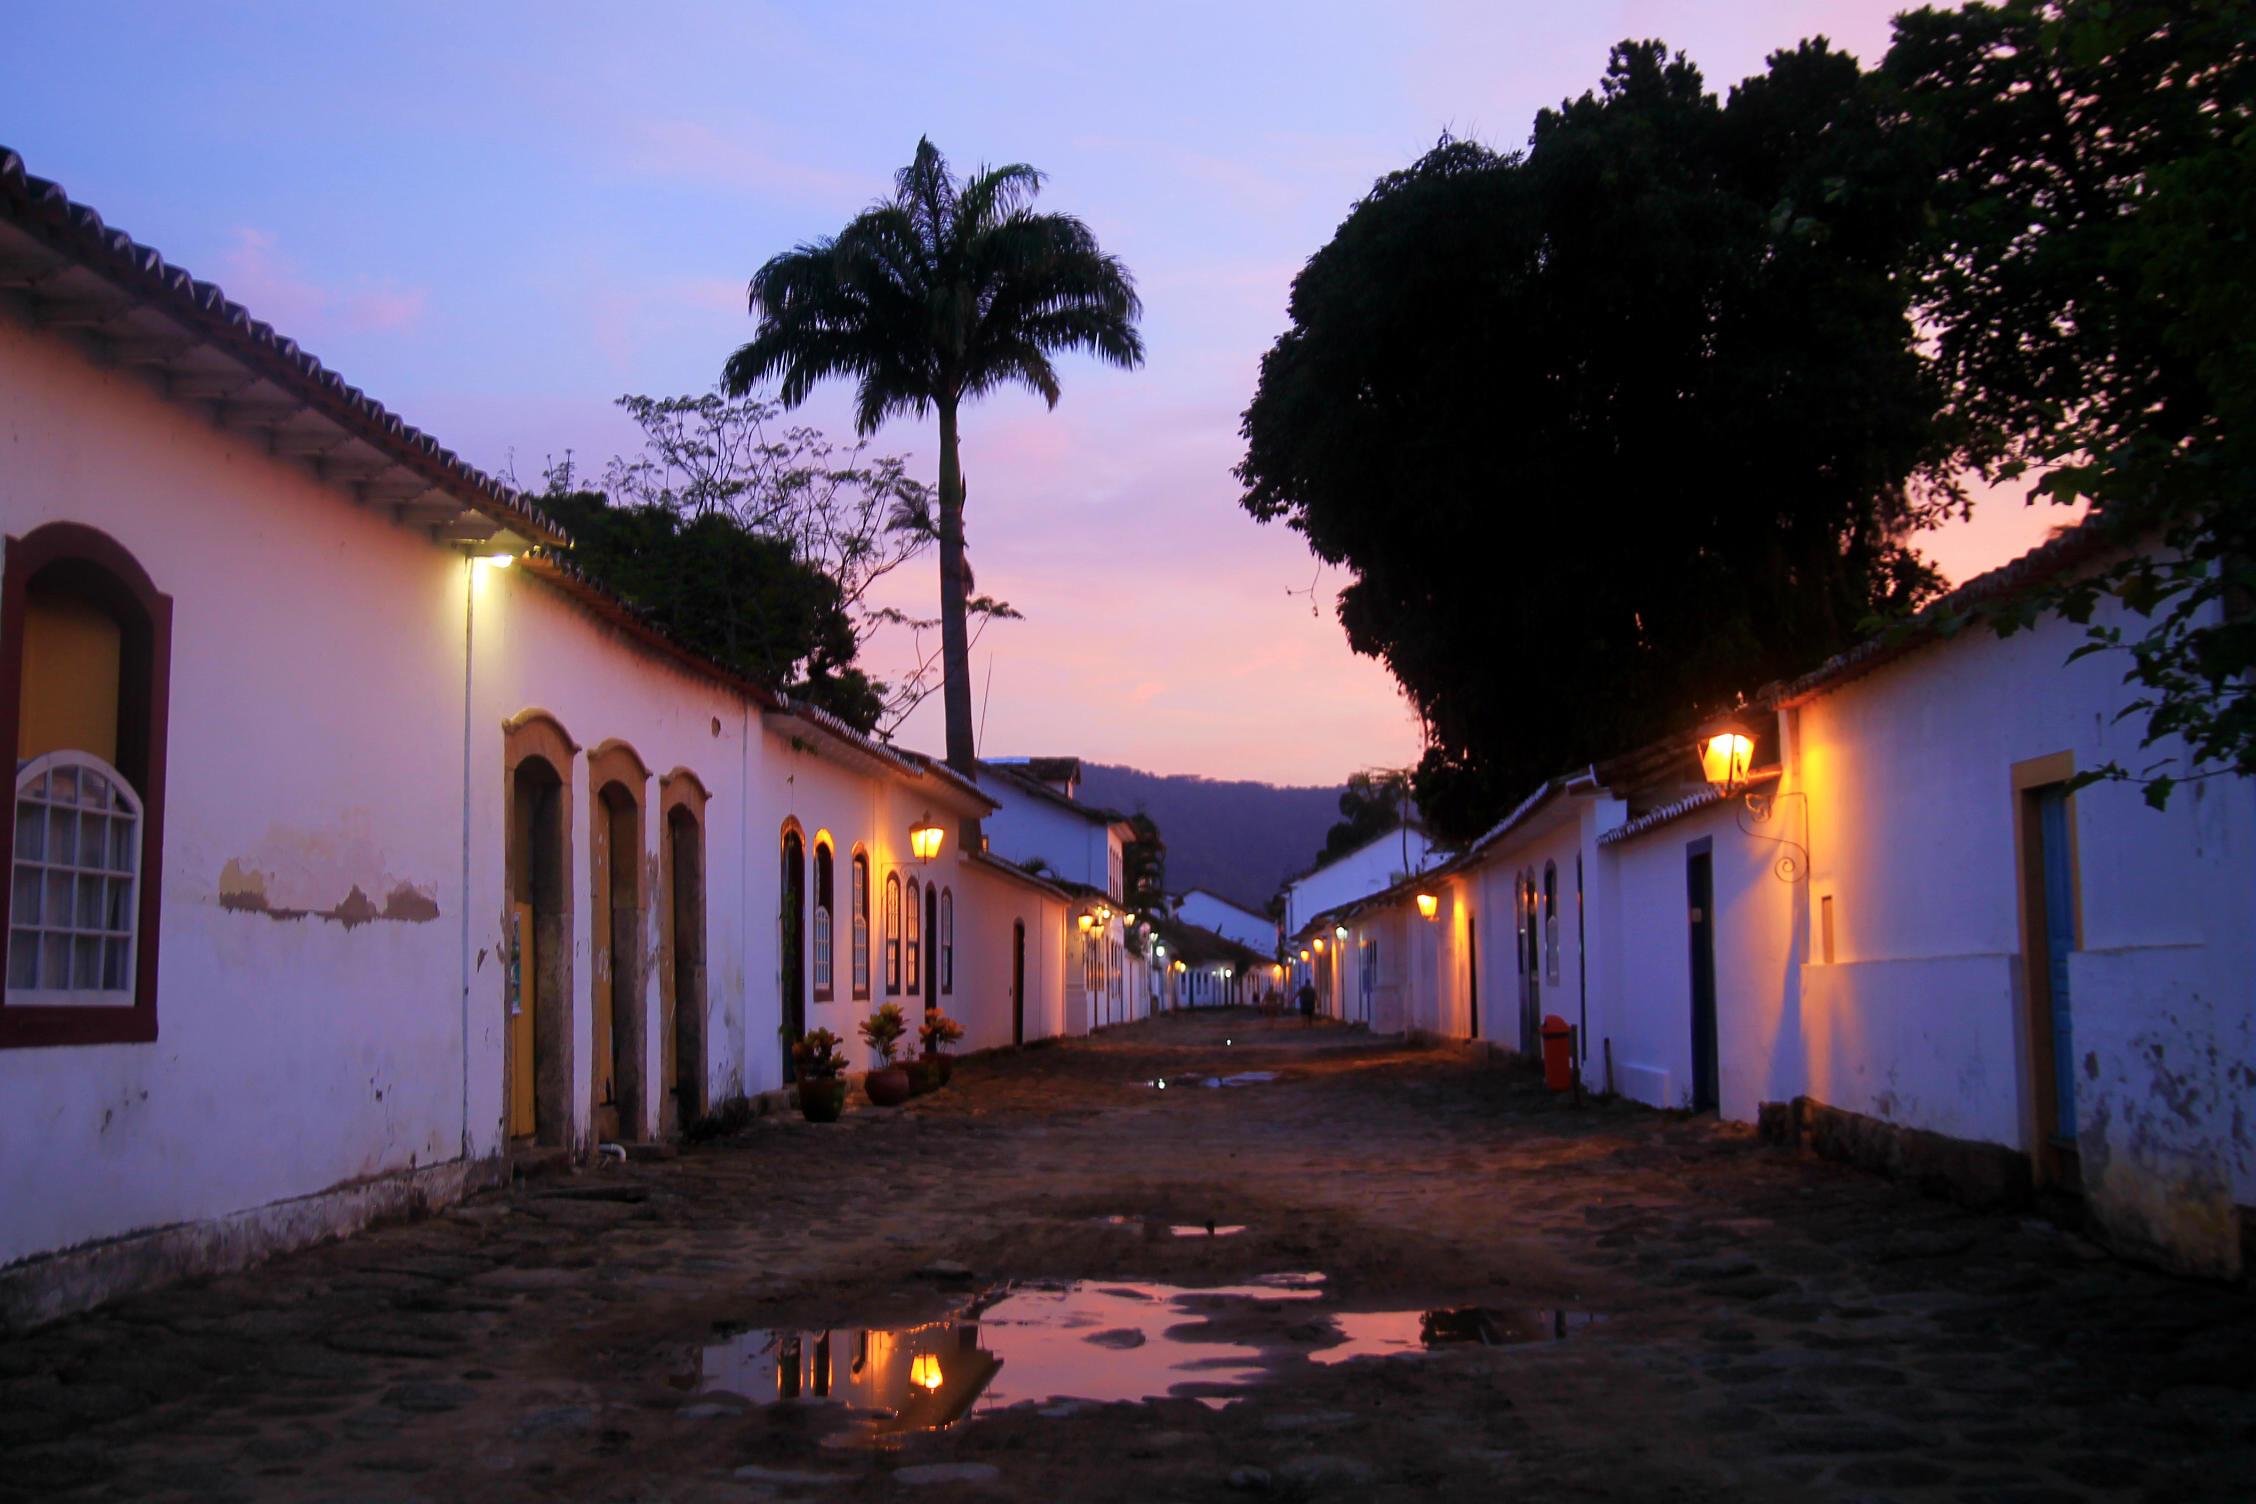 Centro histórico de Paraty, no sul do Rio de Janeiro (Foto: Thaís Sabino)